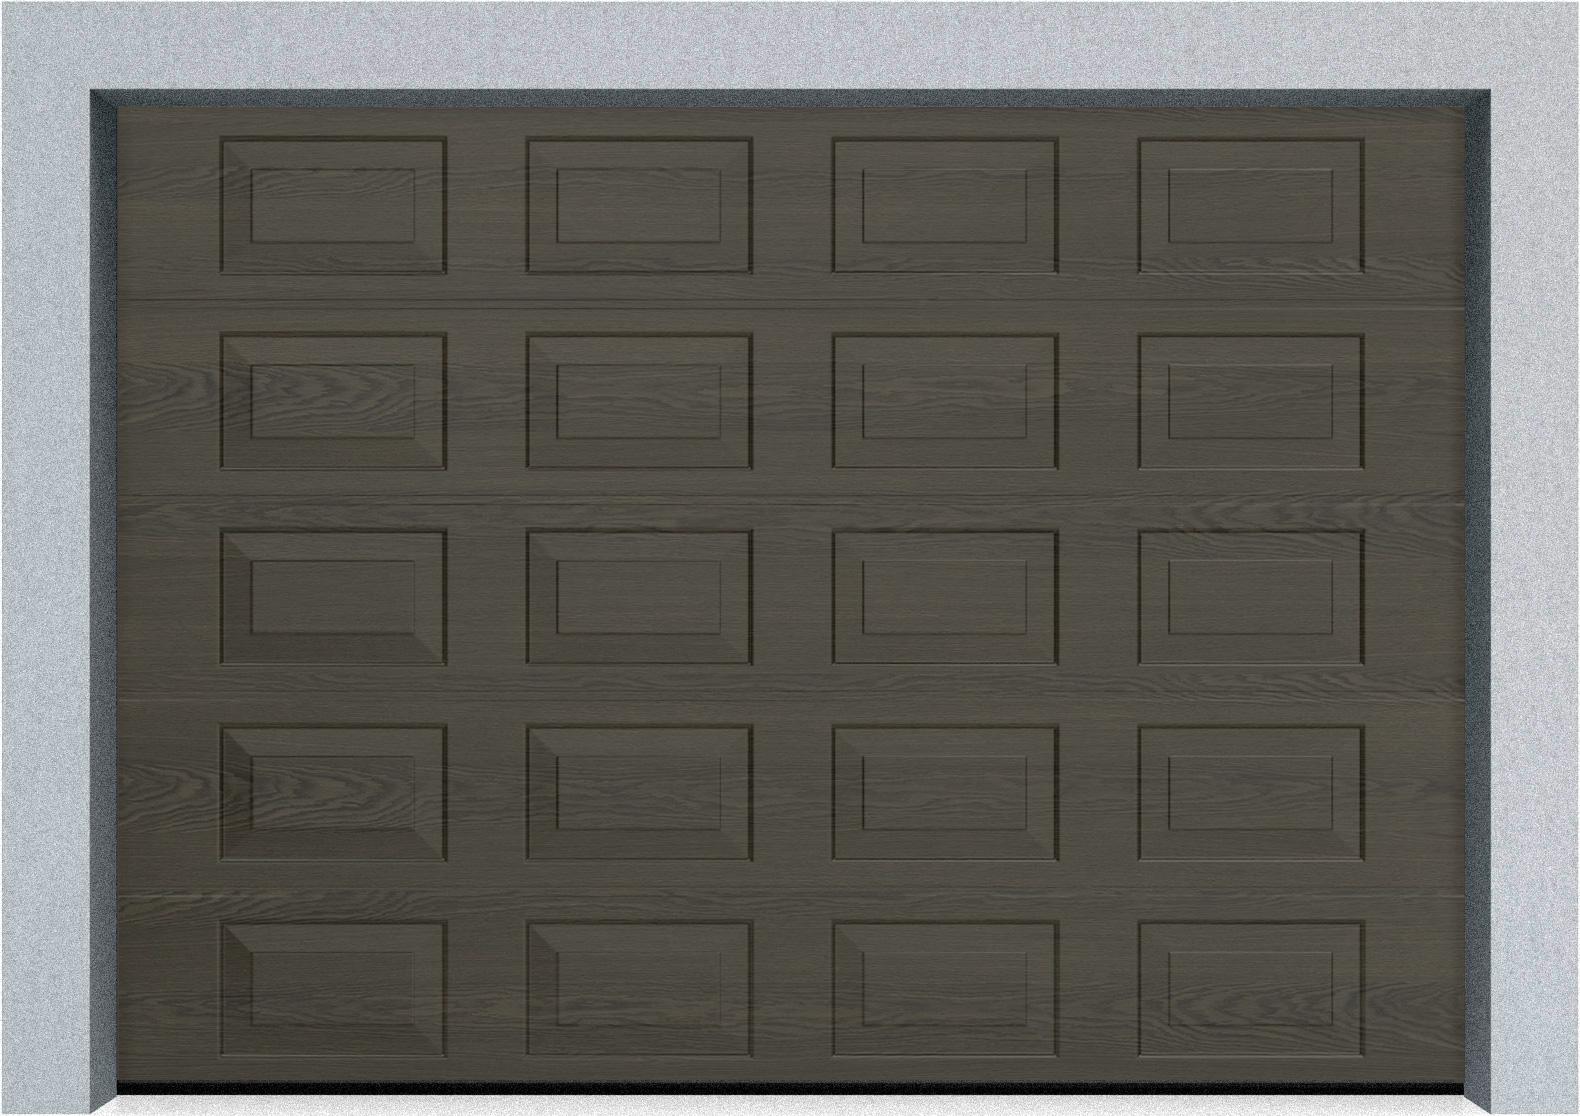 Автоматические секционные гаражные ворота DoorHan RSD02 5900х3100 Филенка цвета под дерево, фото 2